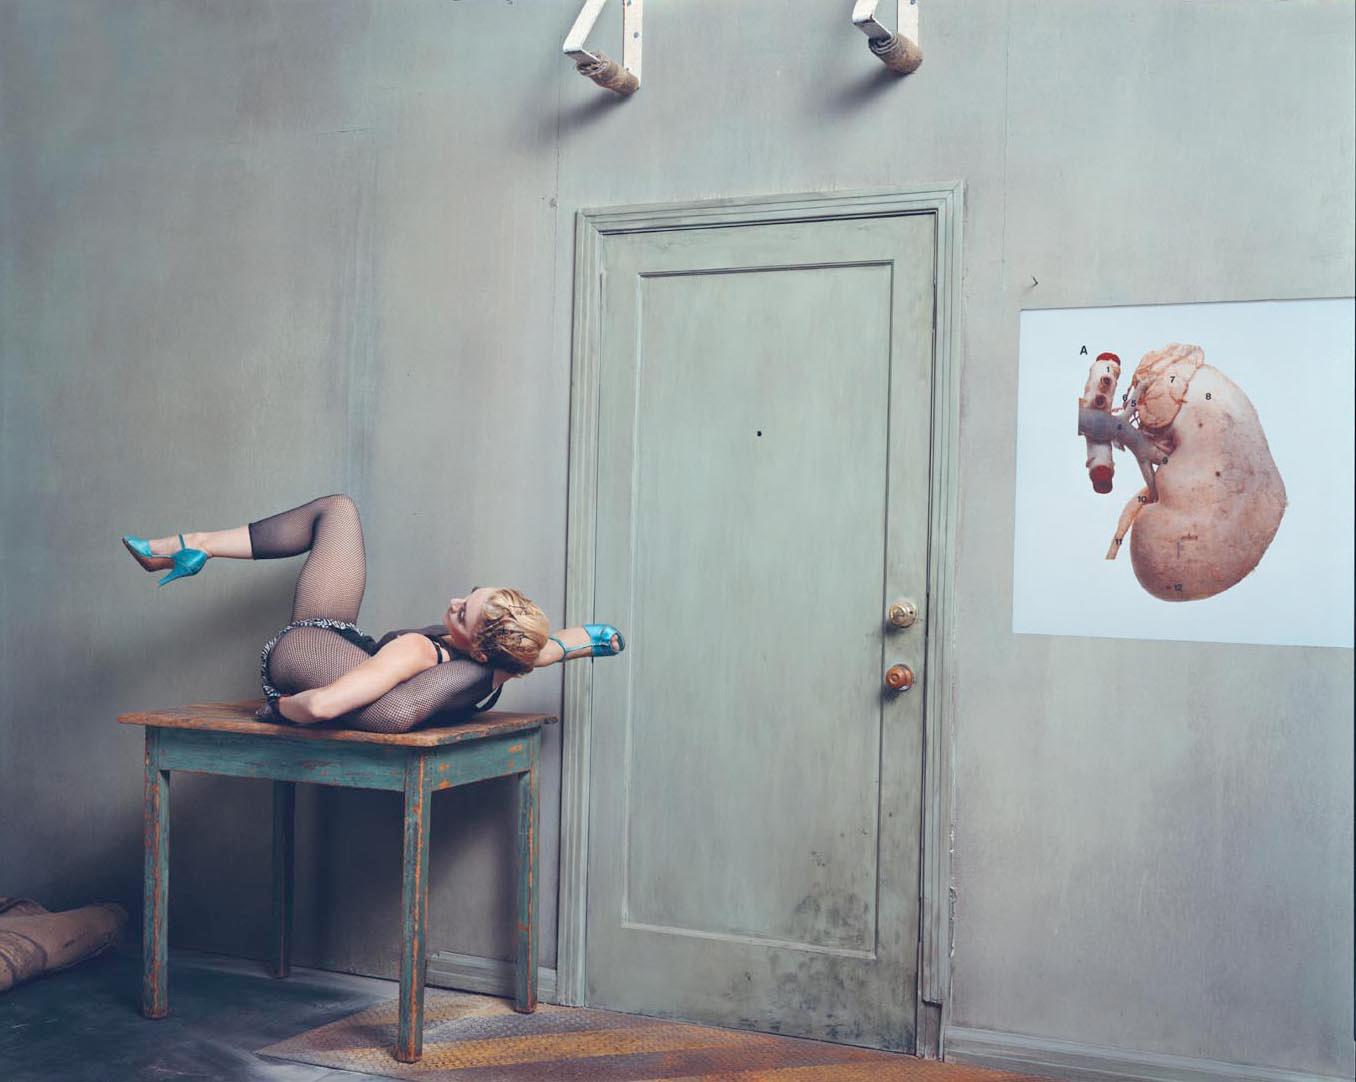 Zdjęcie kolorowe utrzymane w jasnych niebieskich kolorach. Po lewej stronie na obdrapanym niebieskim stole leży kobieta, blondynka w czarnym body i przezroczystych legginsach, na nogach ma turkusowe buty na obcasie, jej prawa noga uniesiona jest w górę i zgięta w kolanie, lewa noga założona jest za głowę. Po prawej stronie znajduje się ilustracja nerki